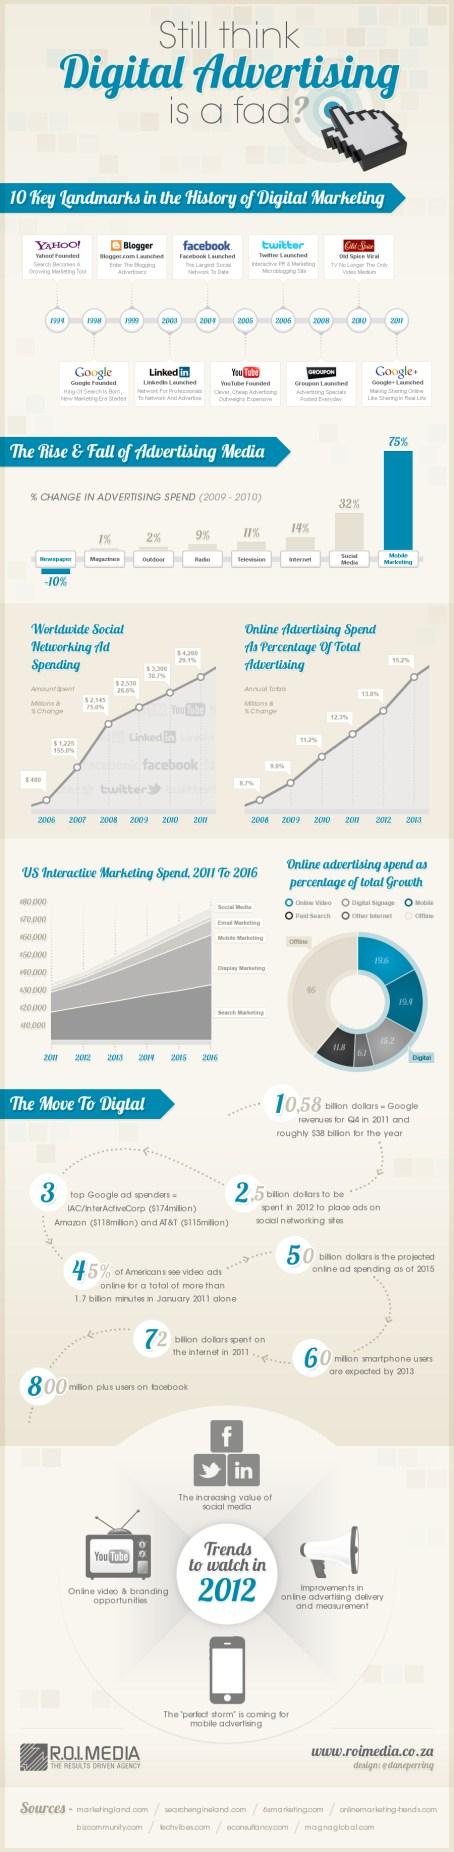 Still think Digital Advertising is a fad.